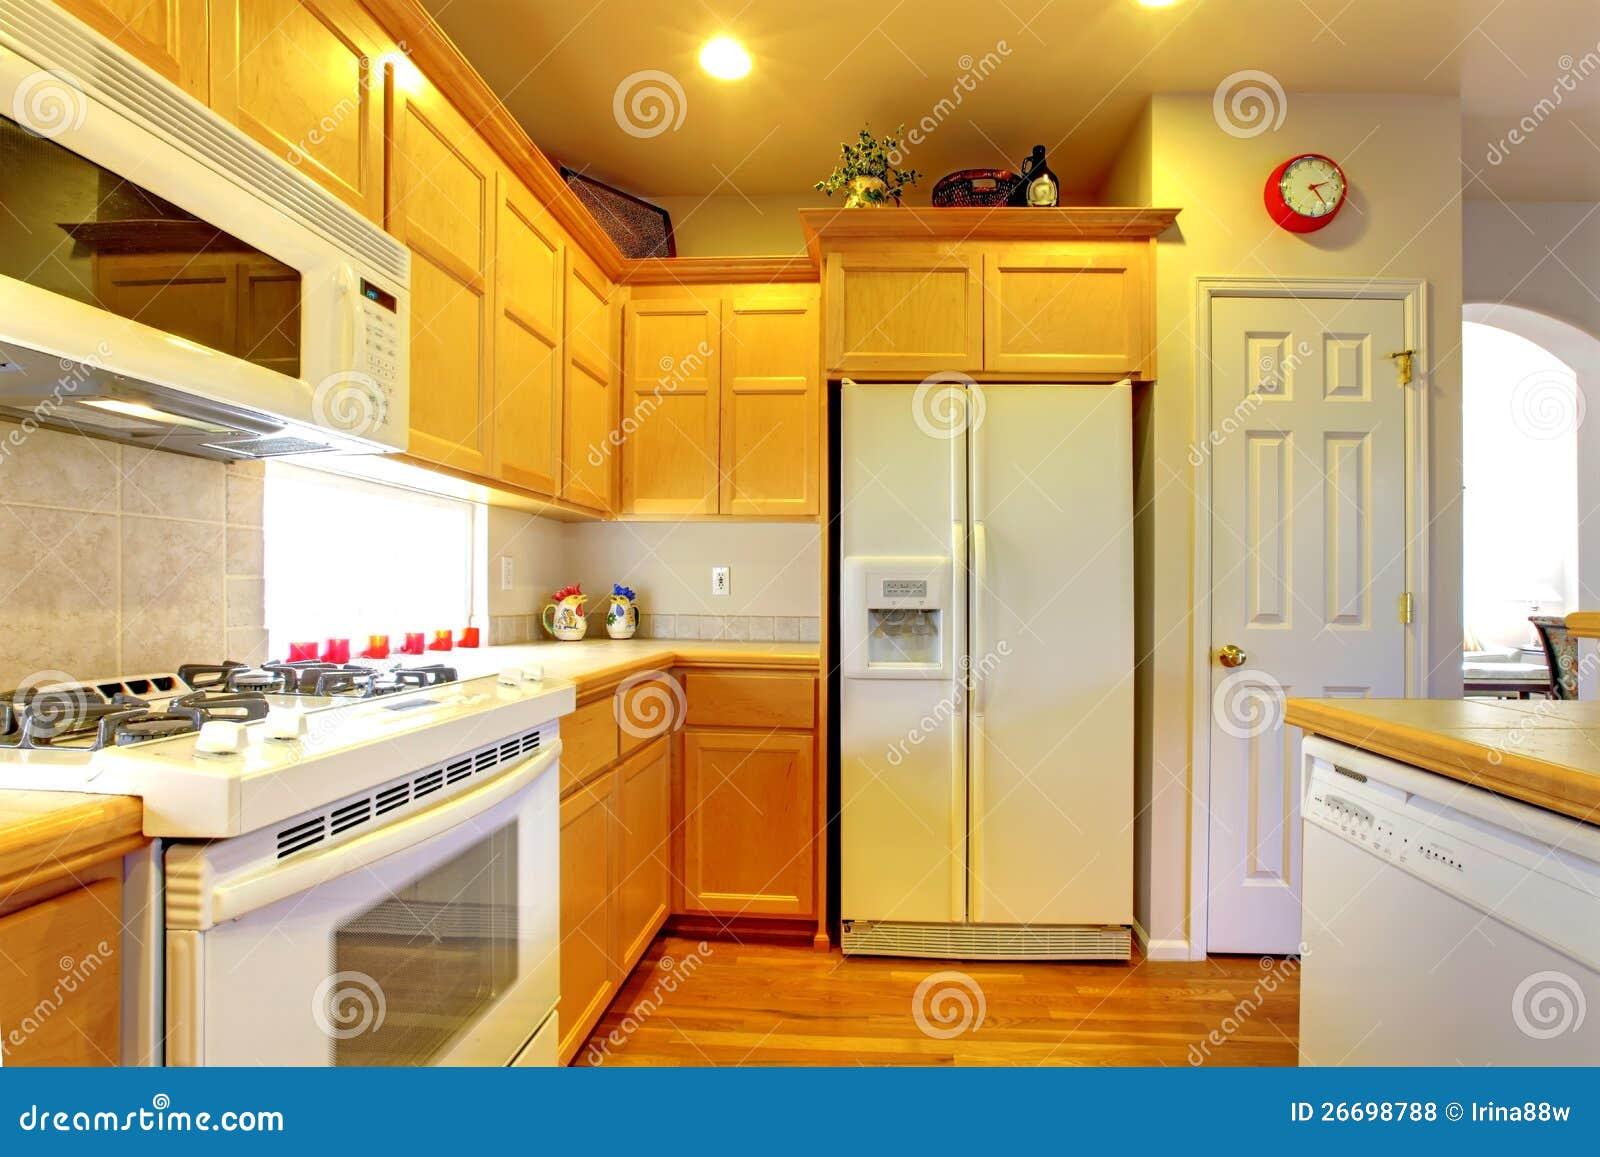 Küche Mit Gelben Hölzernen Kabinetten Stockfoto - Bild von inside ...